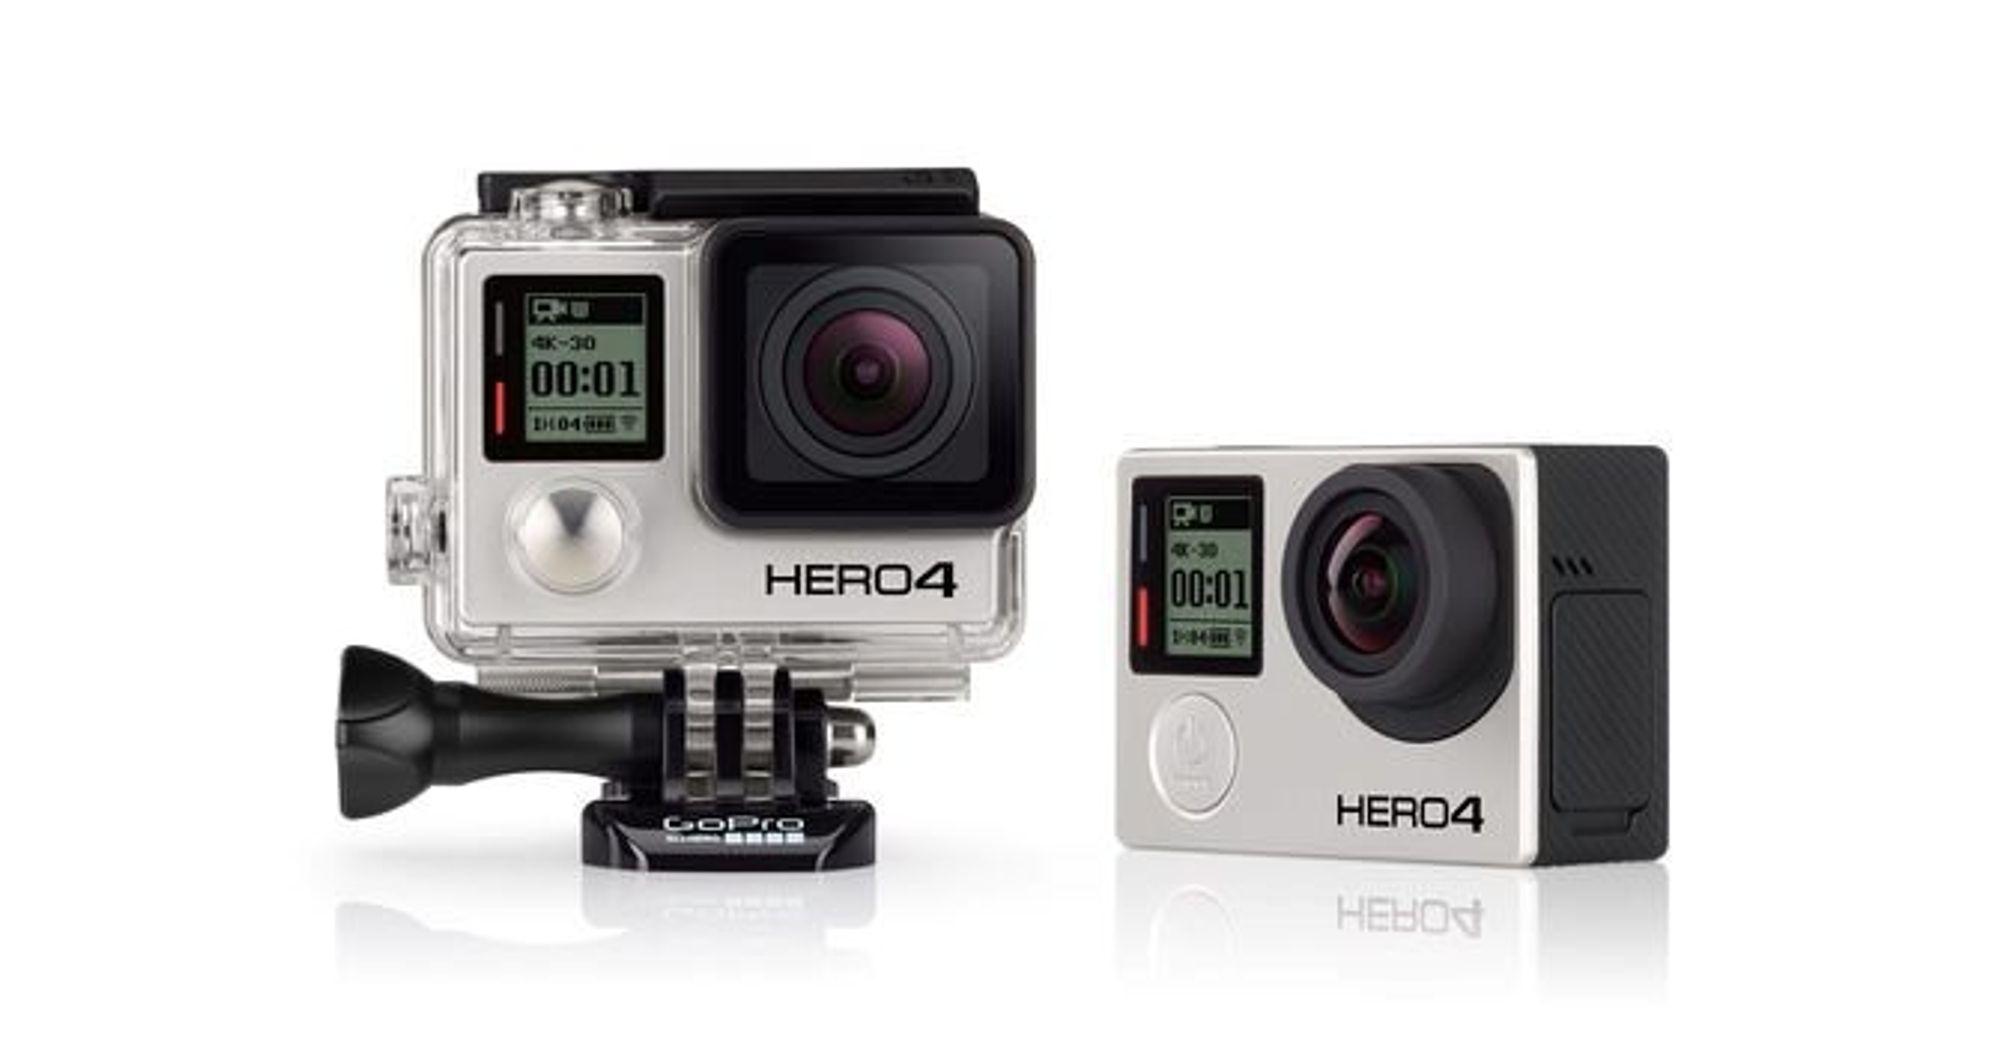 Nye GoPro-kameraer filmer i 4K og har touch-skjerm